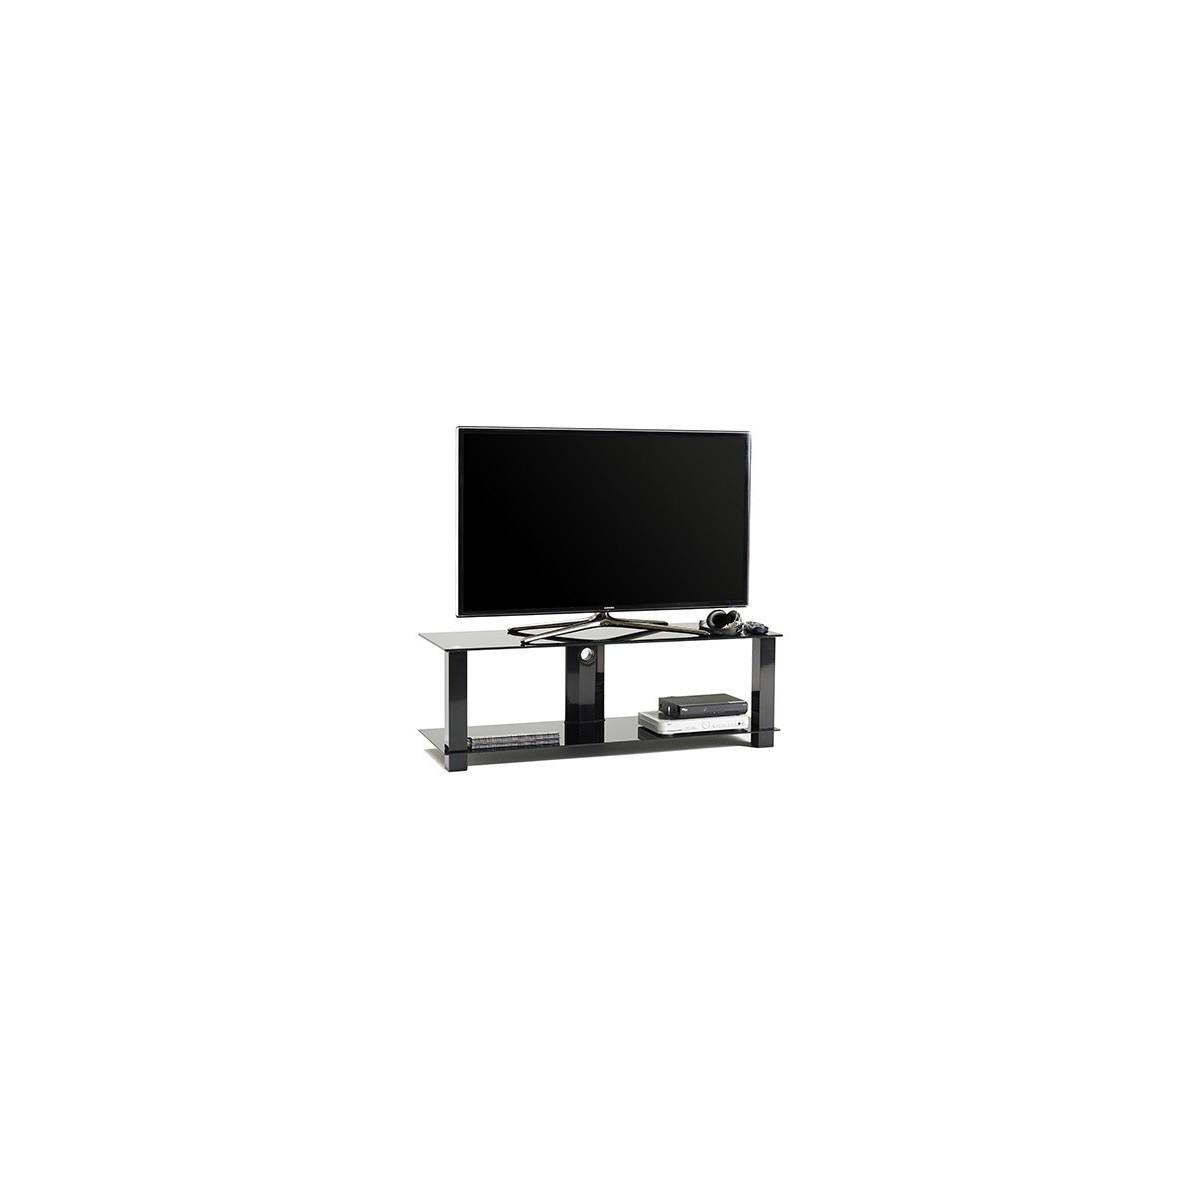 Mobili Ciatti Porta Tv.Ciatti Mobile M5001l Supporto Tv E Sistema Audio 2 Ripiani